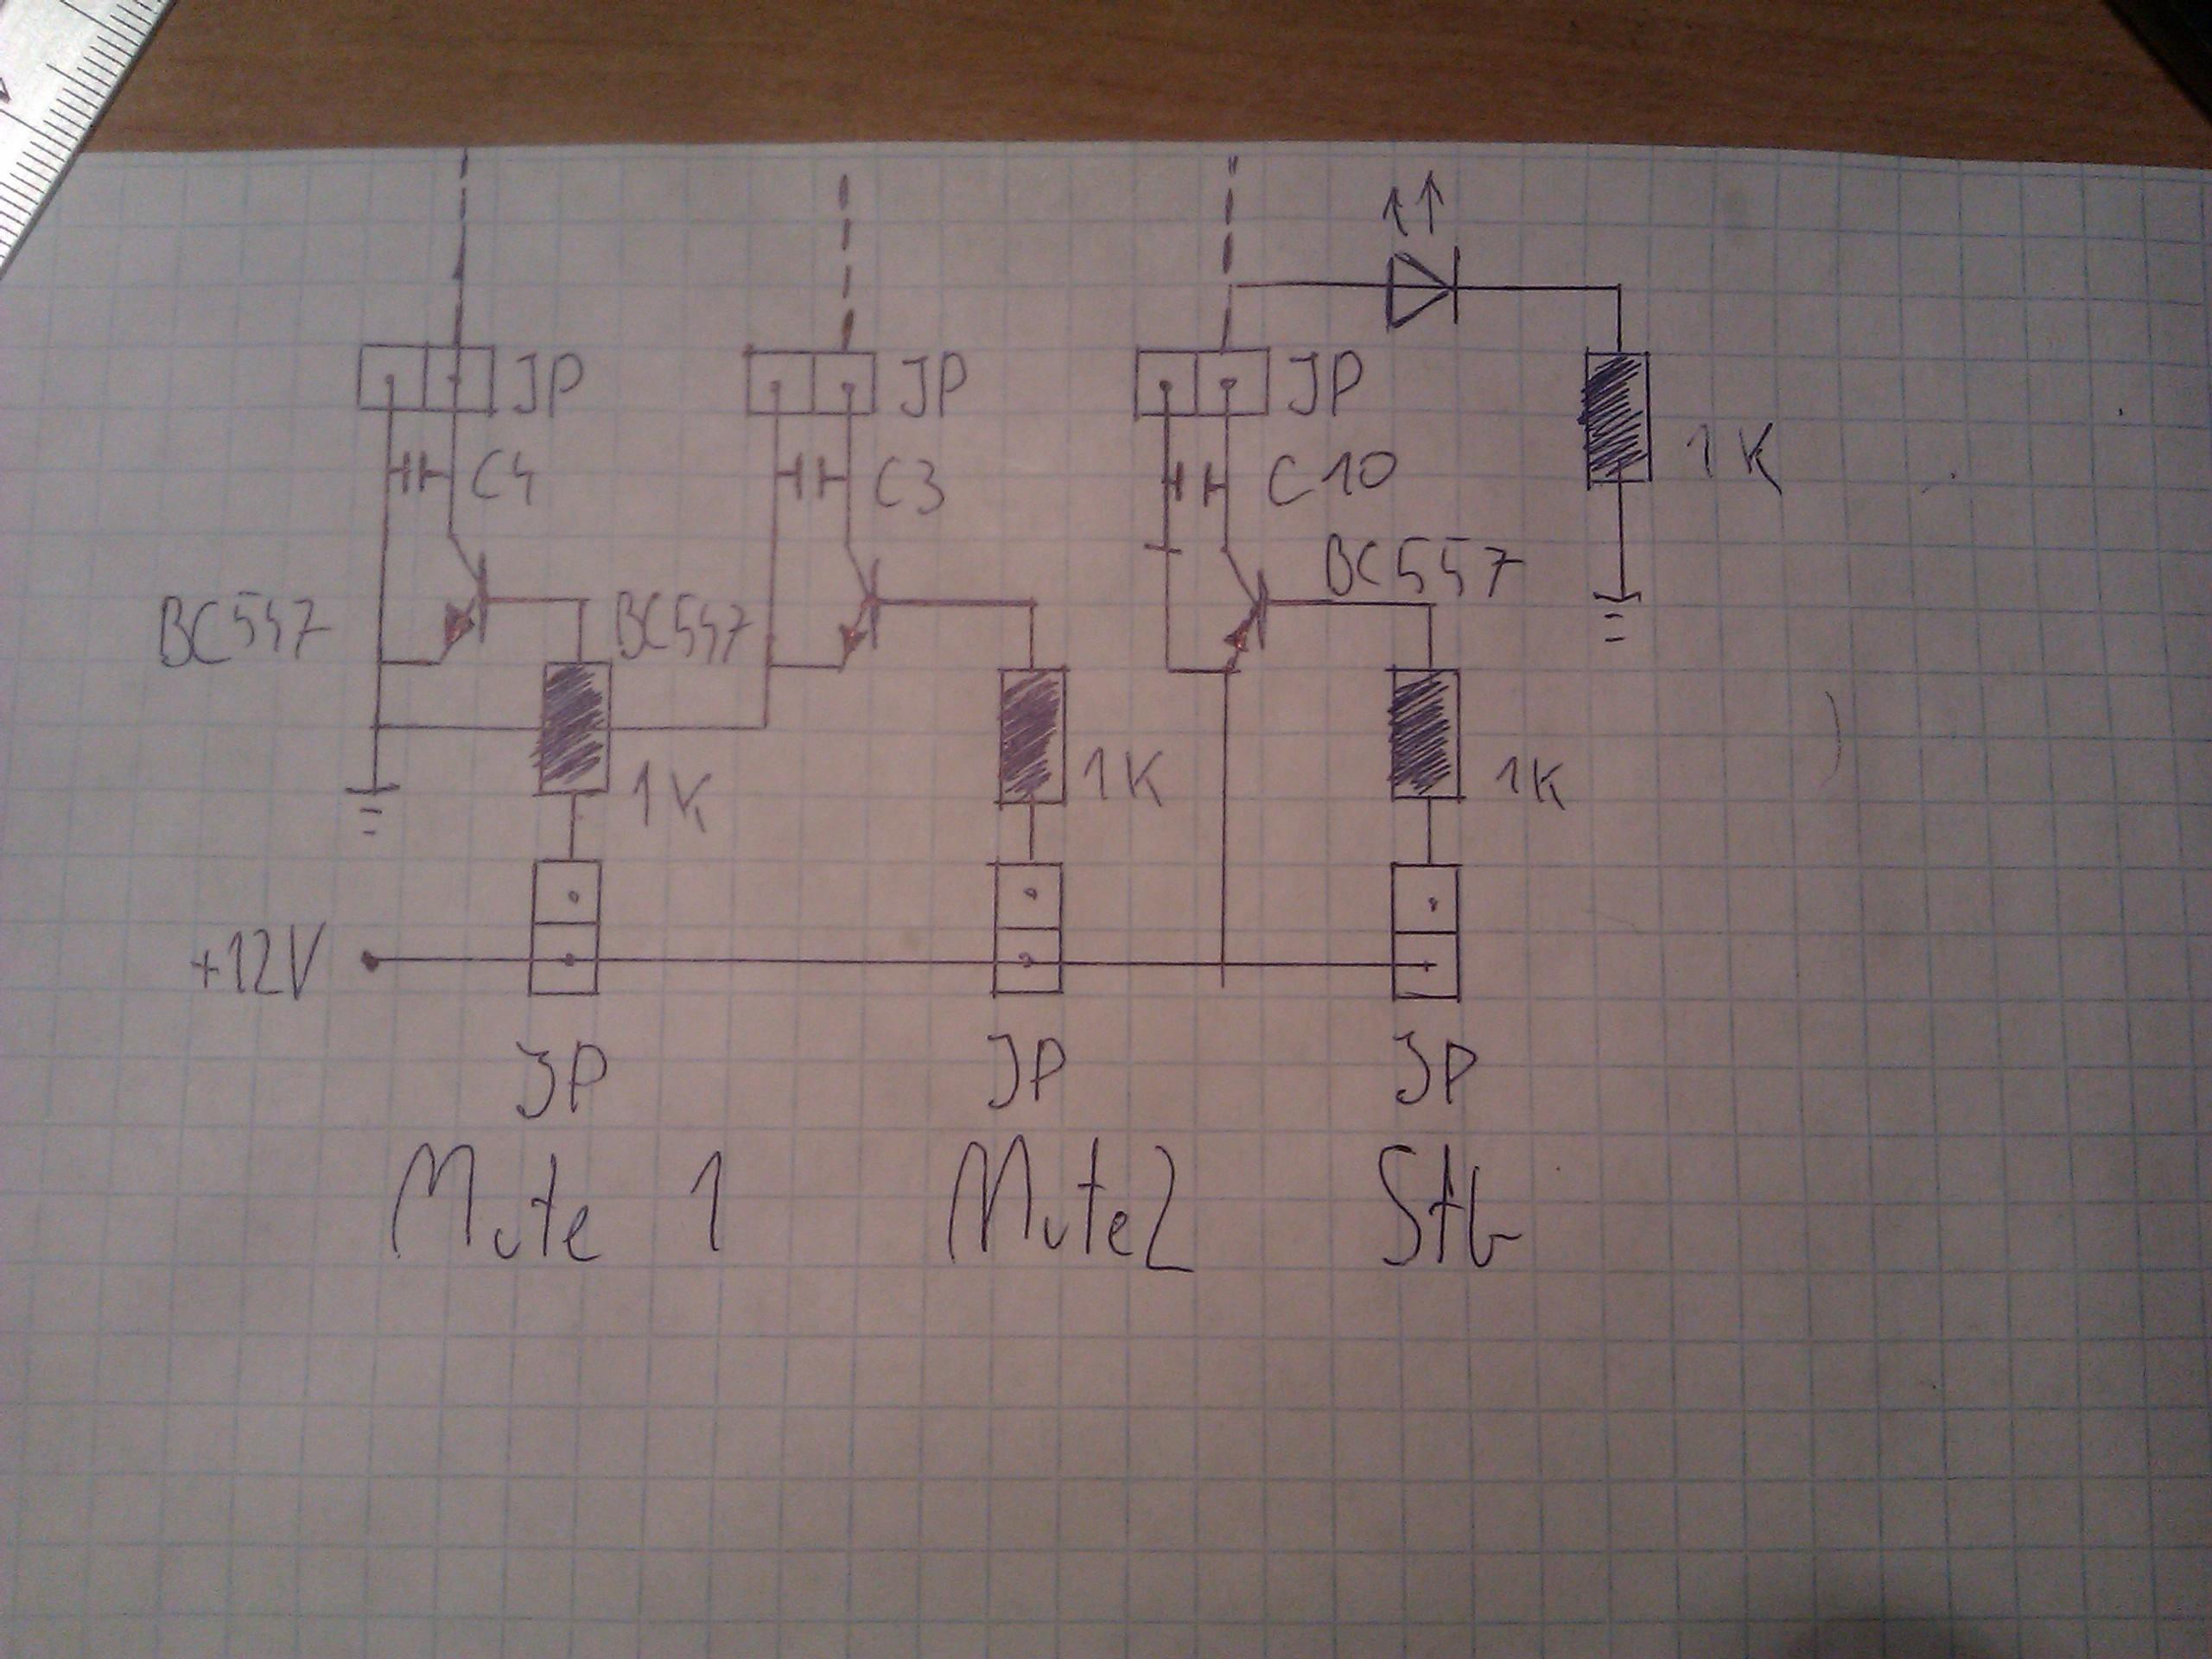 Piecyk porada/sprawdzenie PCB  - porady